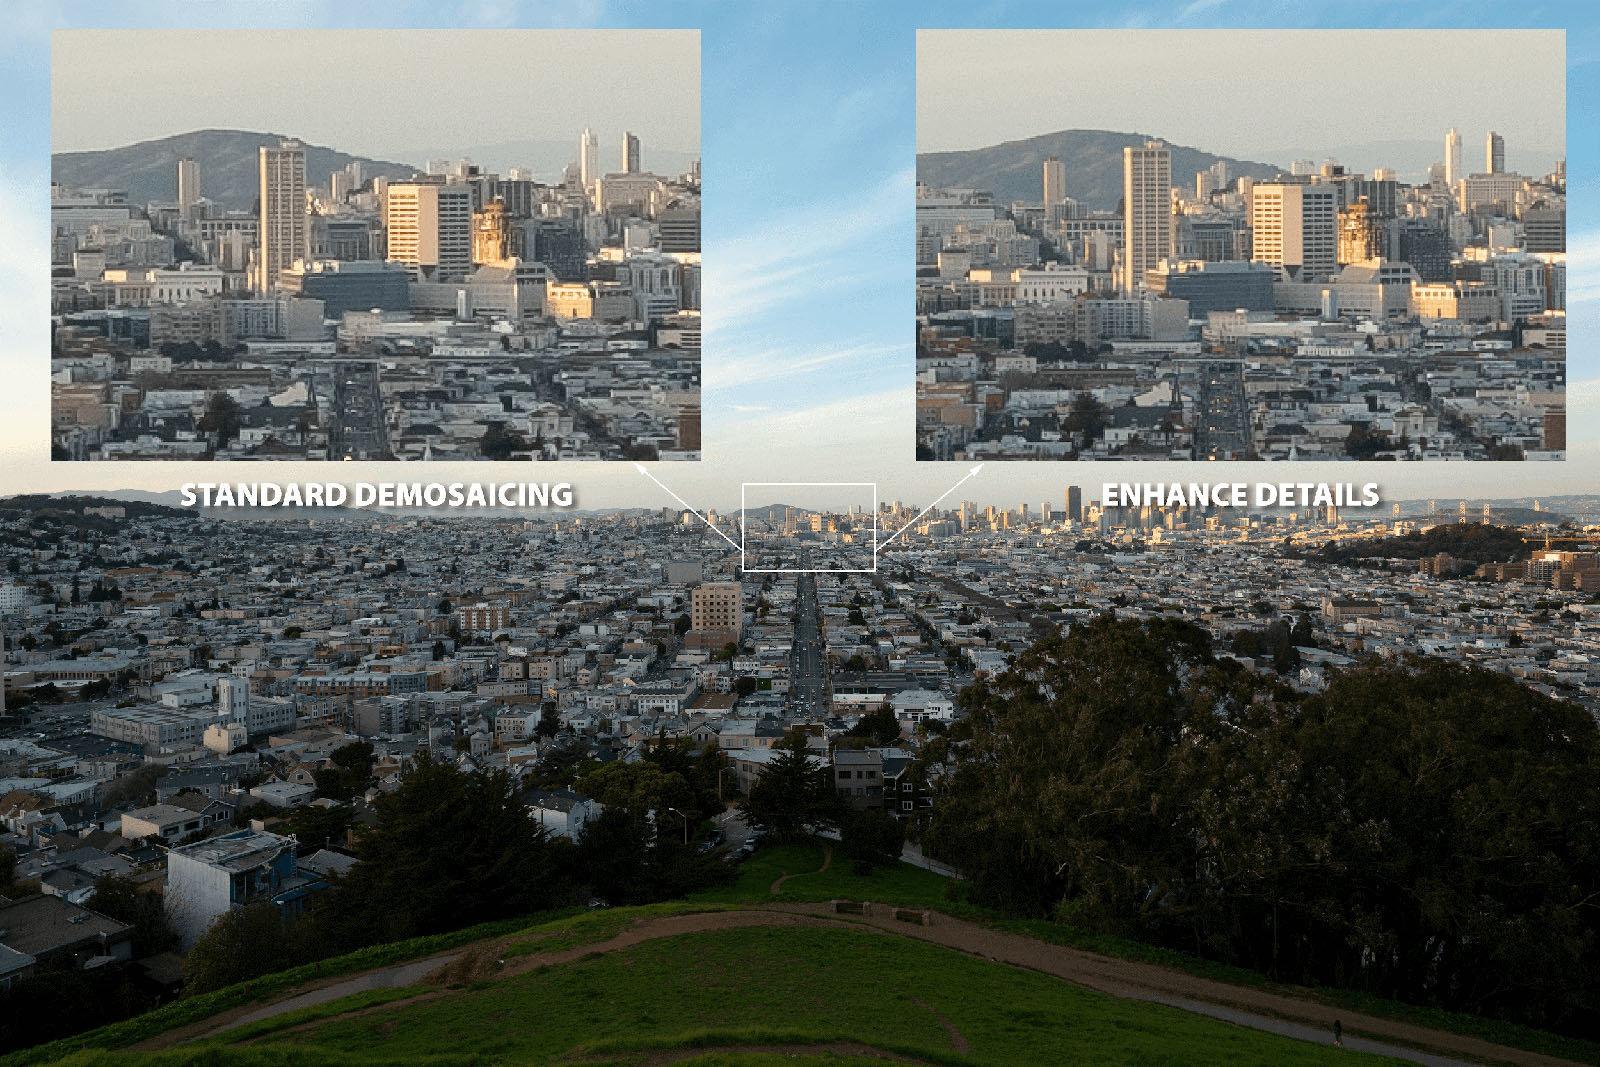 Adobe Lightroom CC ora usa la IA per migliorare le immagini RAW 1